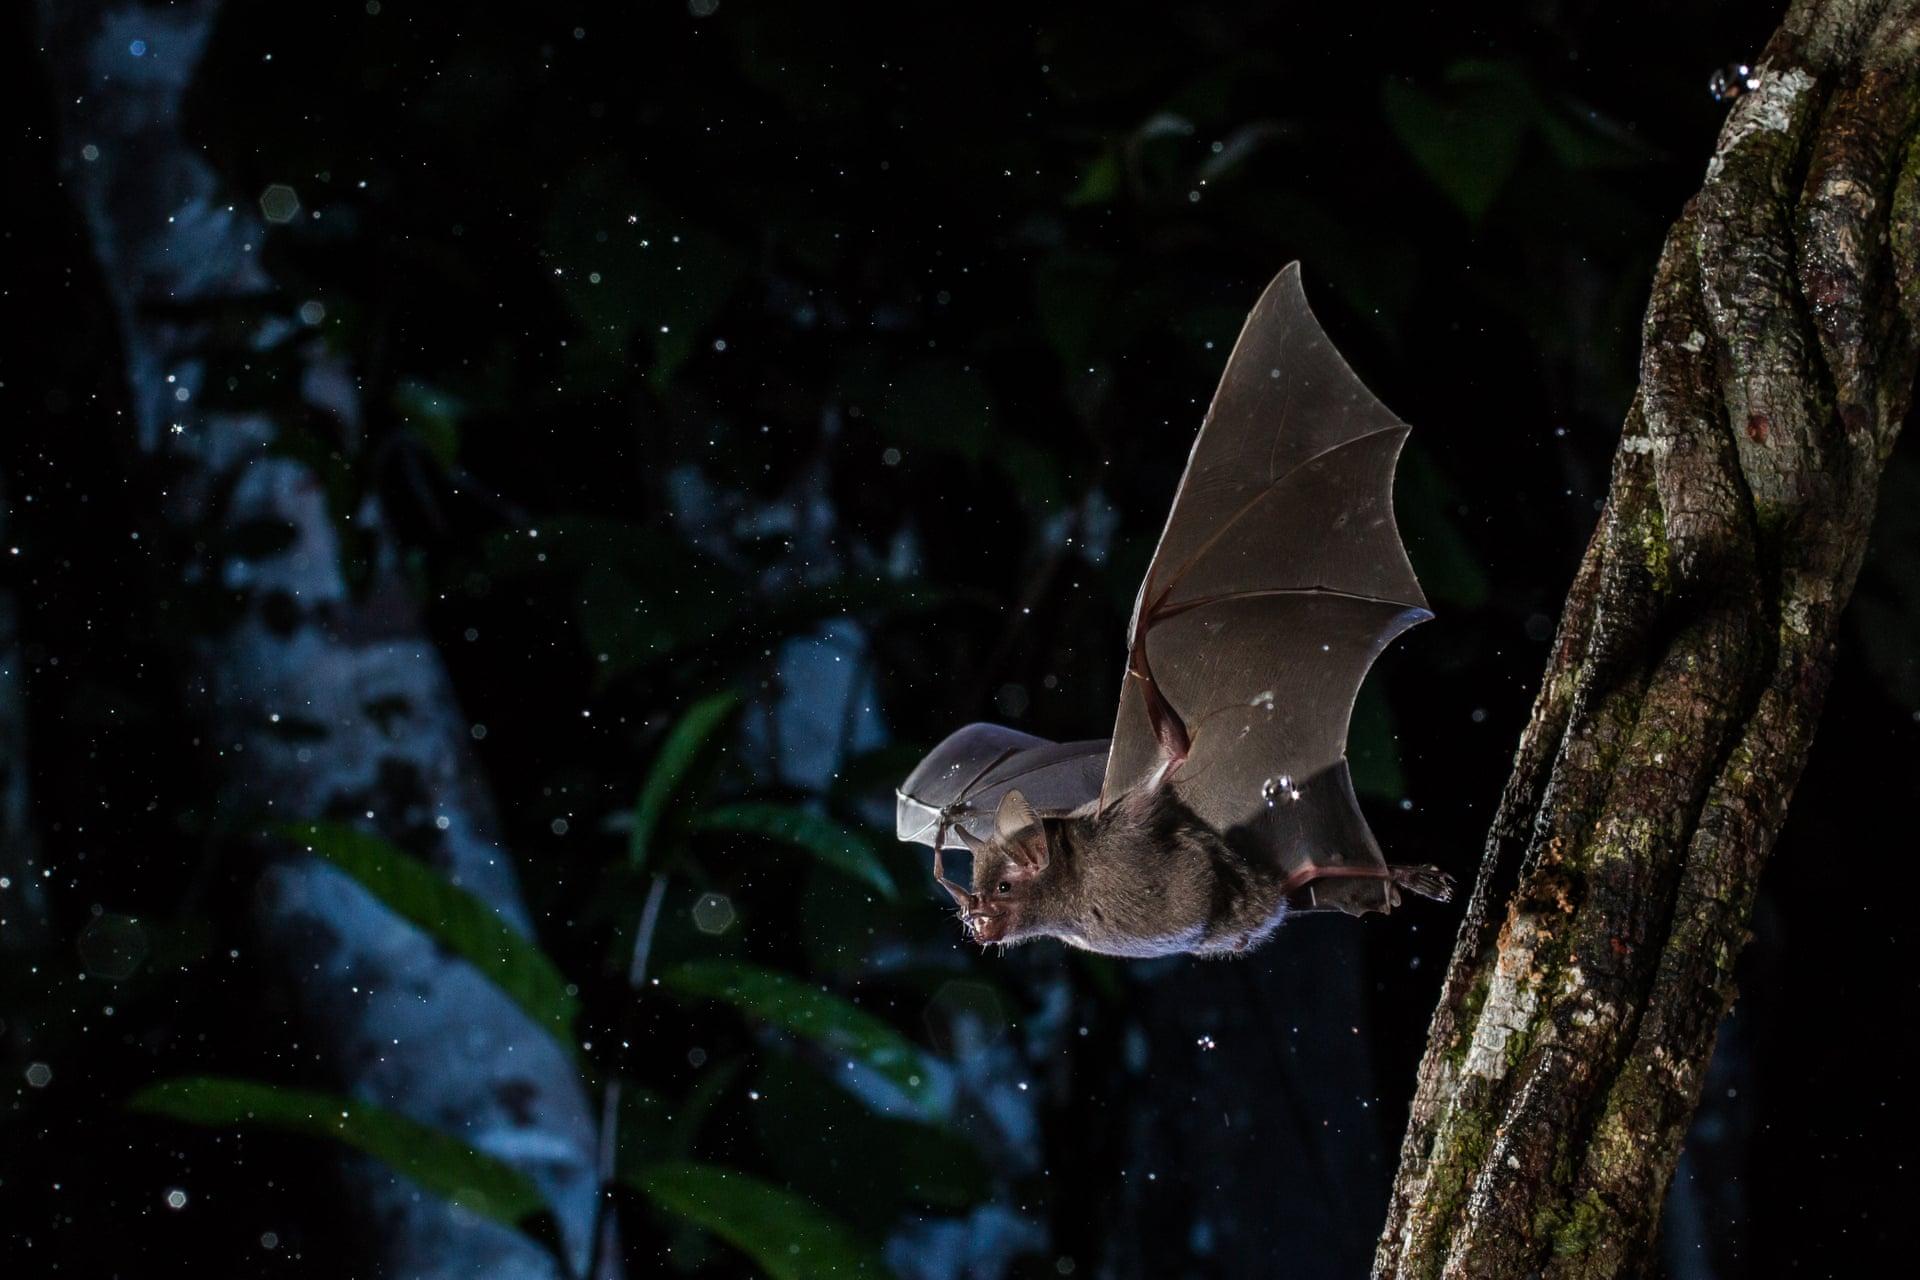 Полет короткоховстой летучей мыши поддождем вМанаусе, Бразилия. Это один изсамых распространенных видов врегионе Амазонки иживут вмолодых лесах, где питаются плодами растений. Отэтого вида зависят важные экосистемные процессы — например, рассеивание семян.